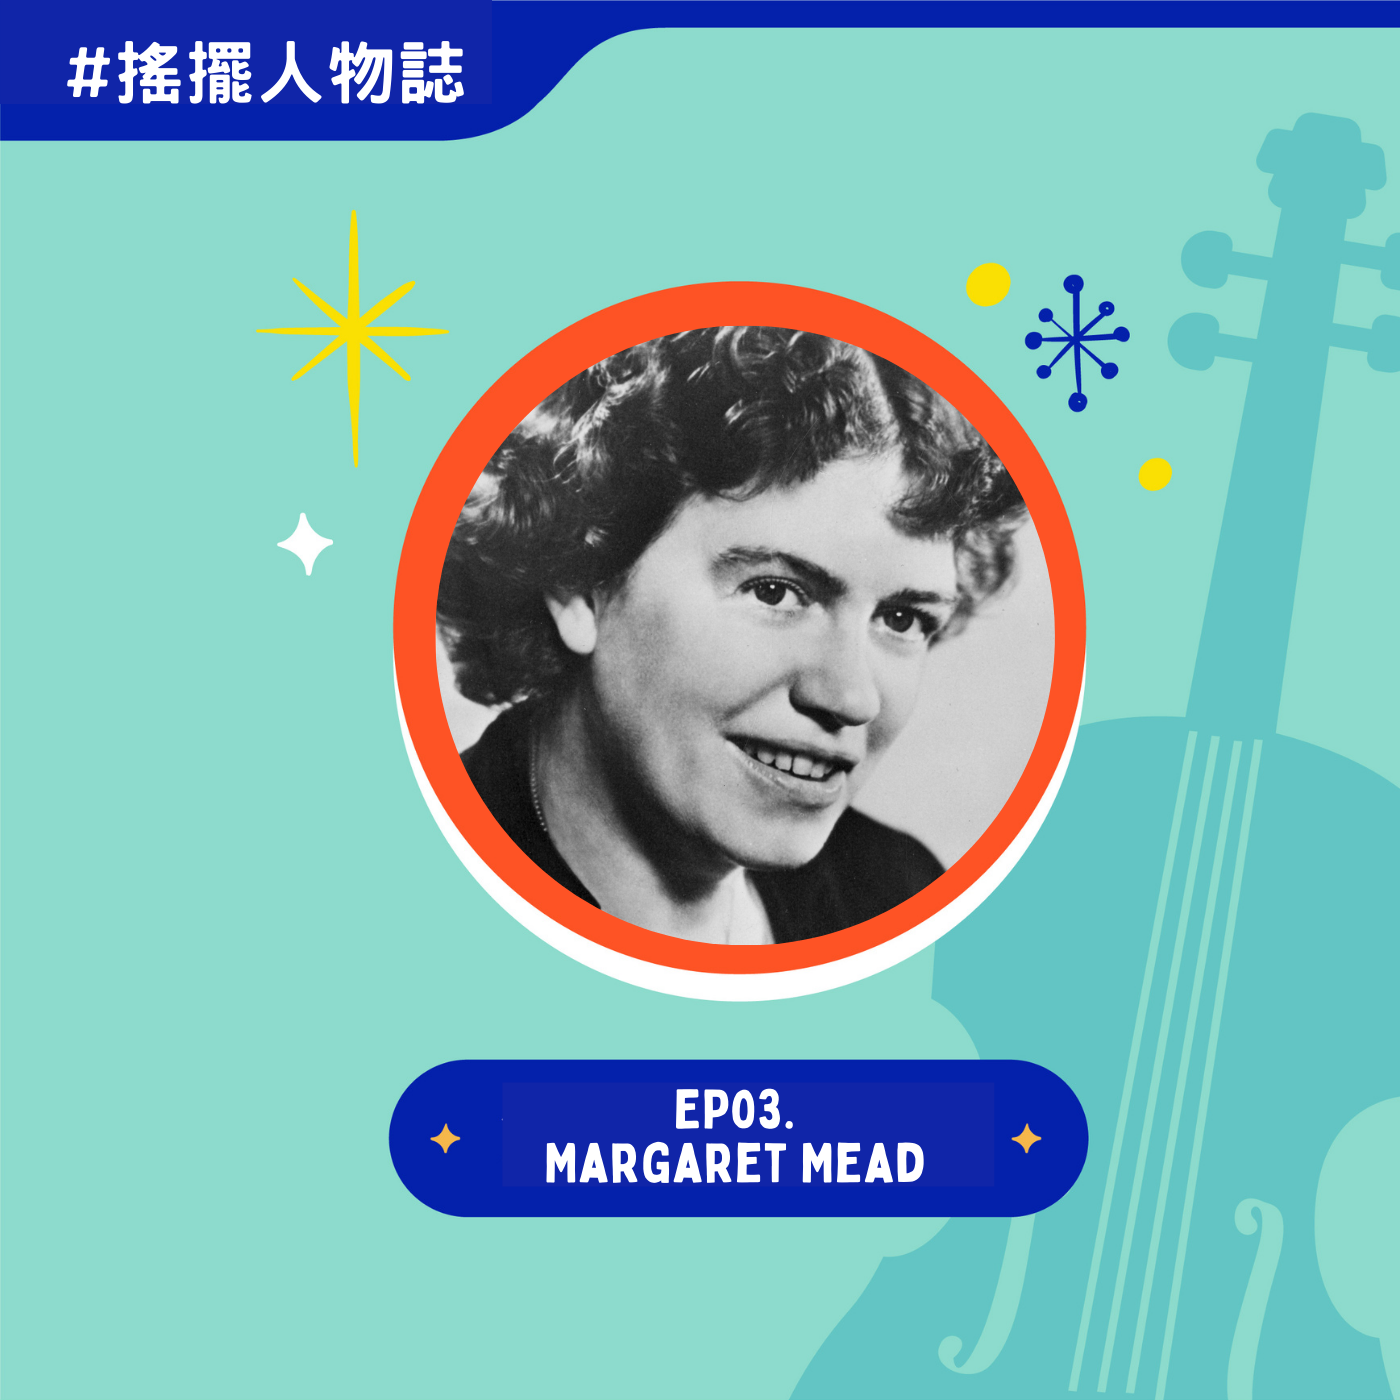 搖擺人物誌 EP03. Margaret Mead 跨世代女性文化人類學家:「同理心可說是文明起源的標誌」